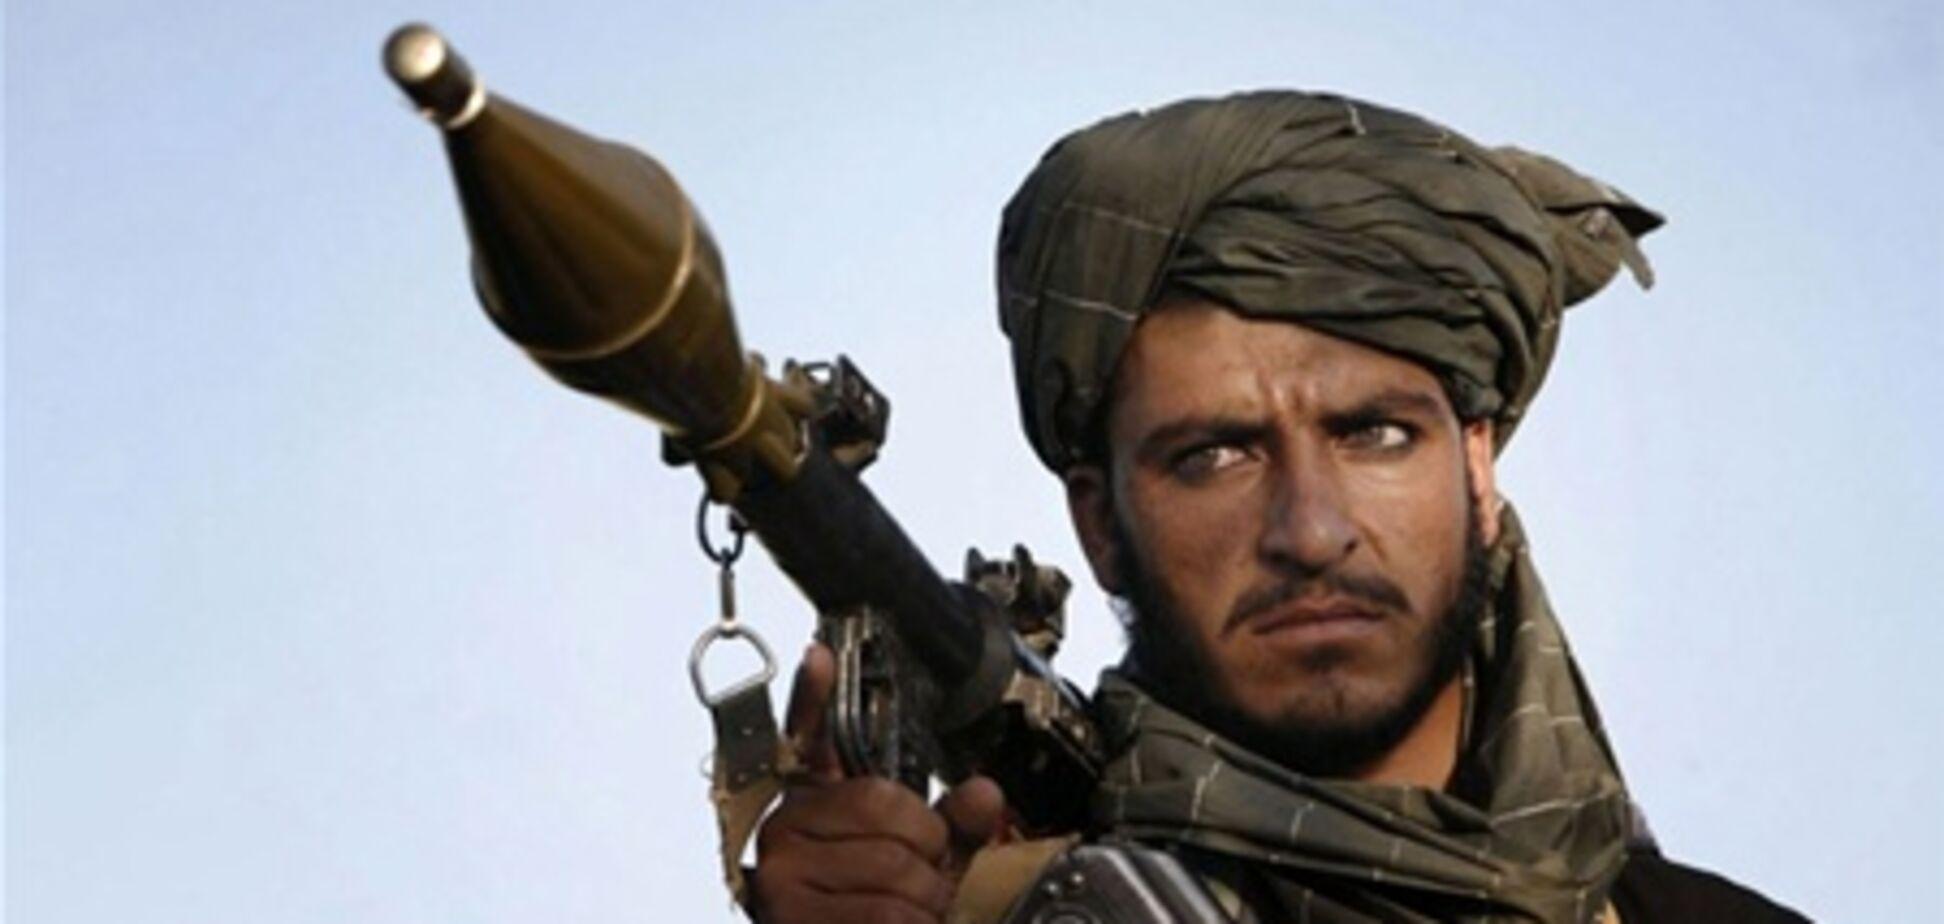 Керівництво Пакистану визнало наявність контактів з талібами